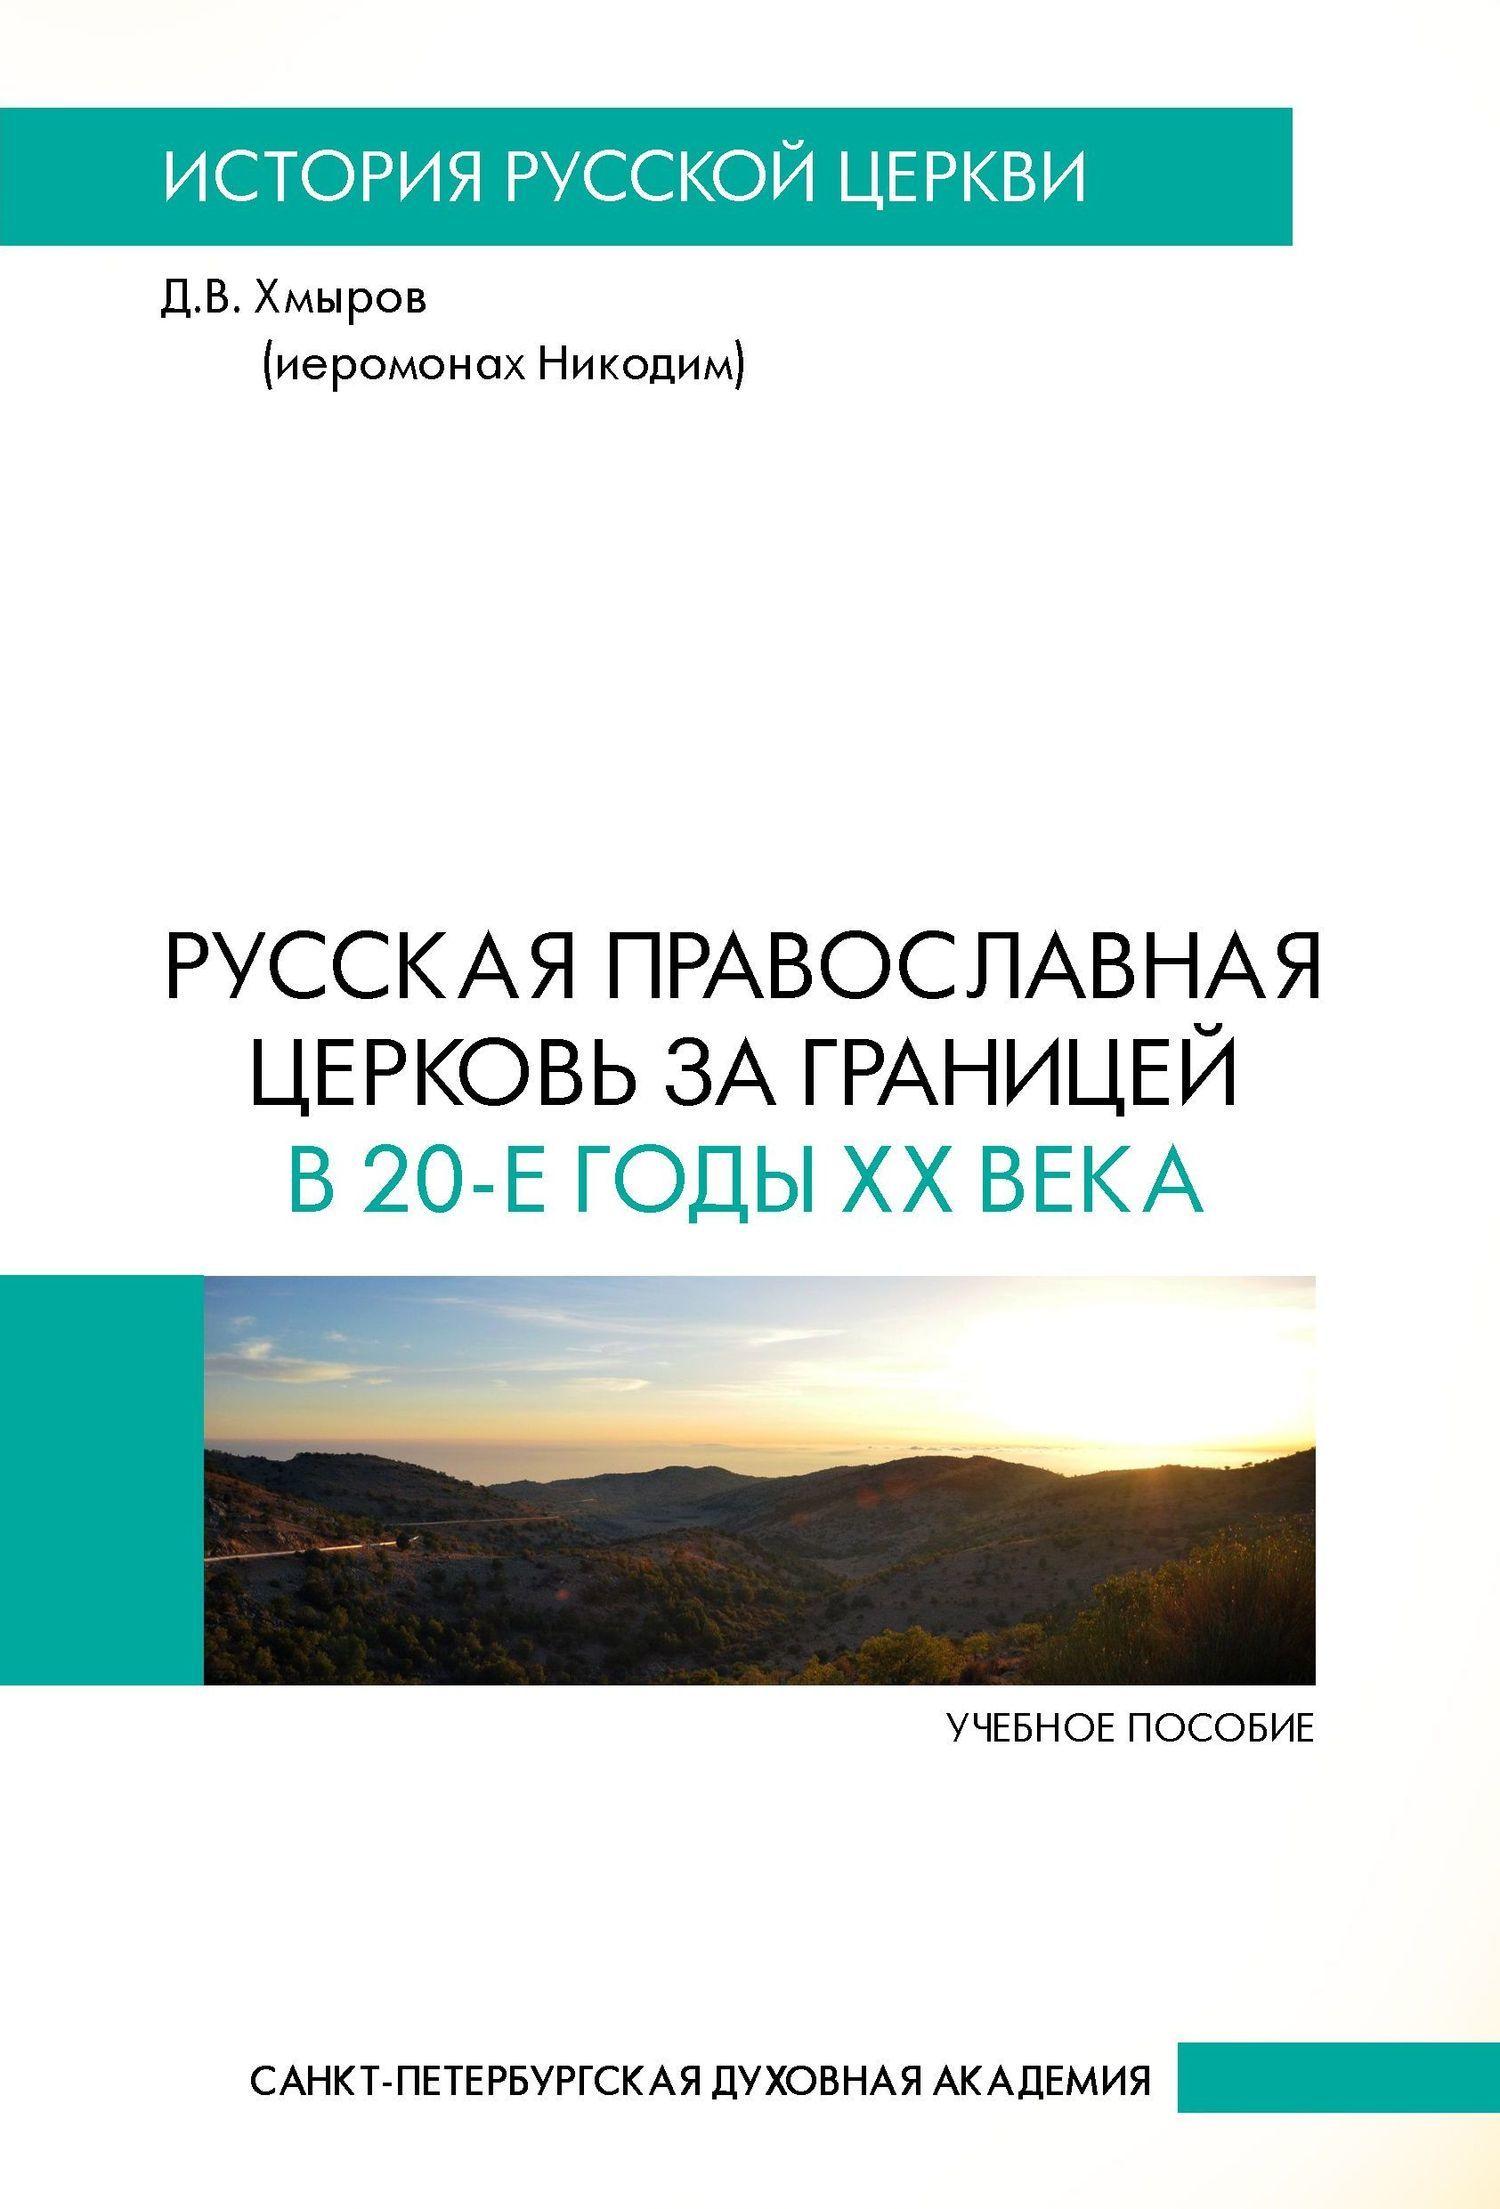 Денис Хмыров - Русская Православная Церковь за границей в 20-е годы XX века